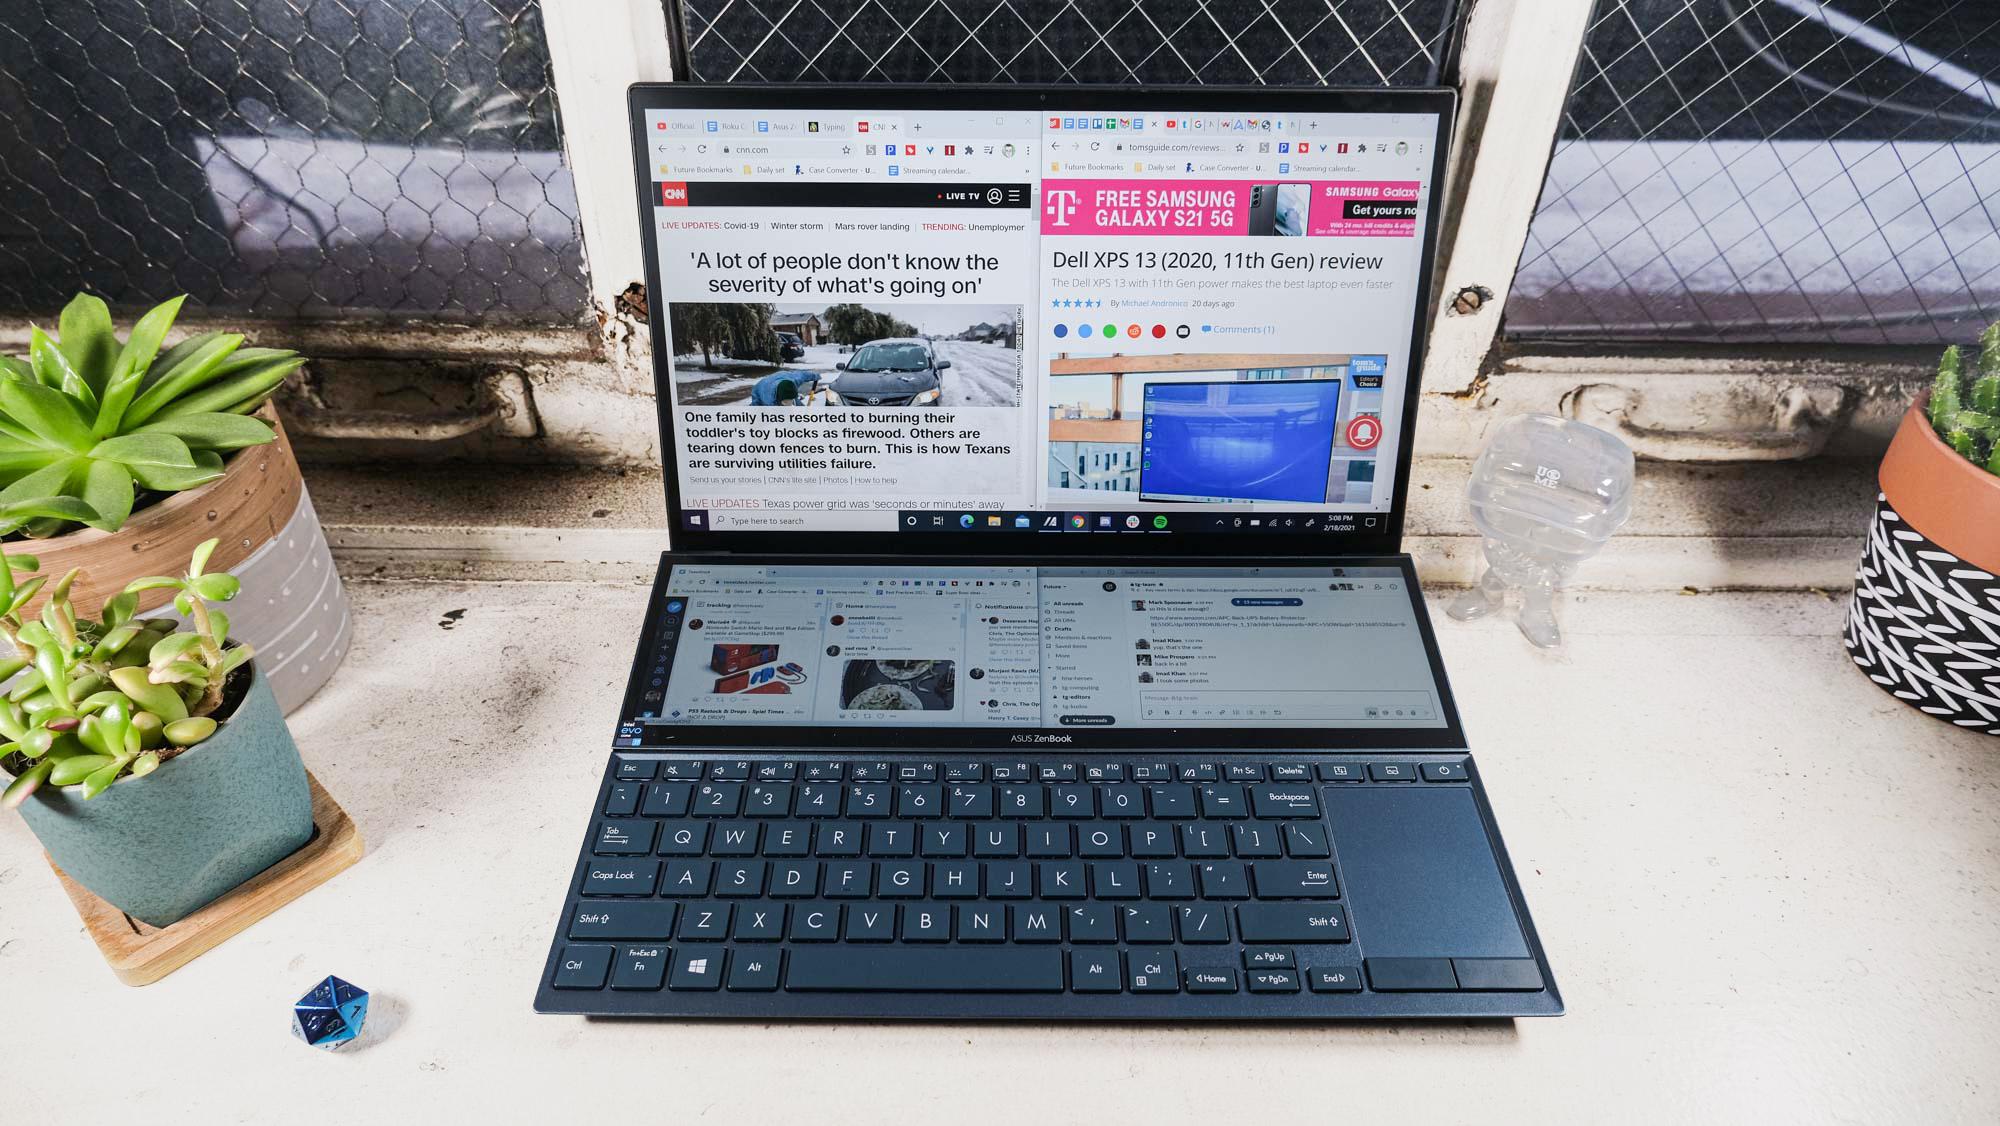 Best laptops for engineering students: Asus ZenBook Duo 14